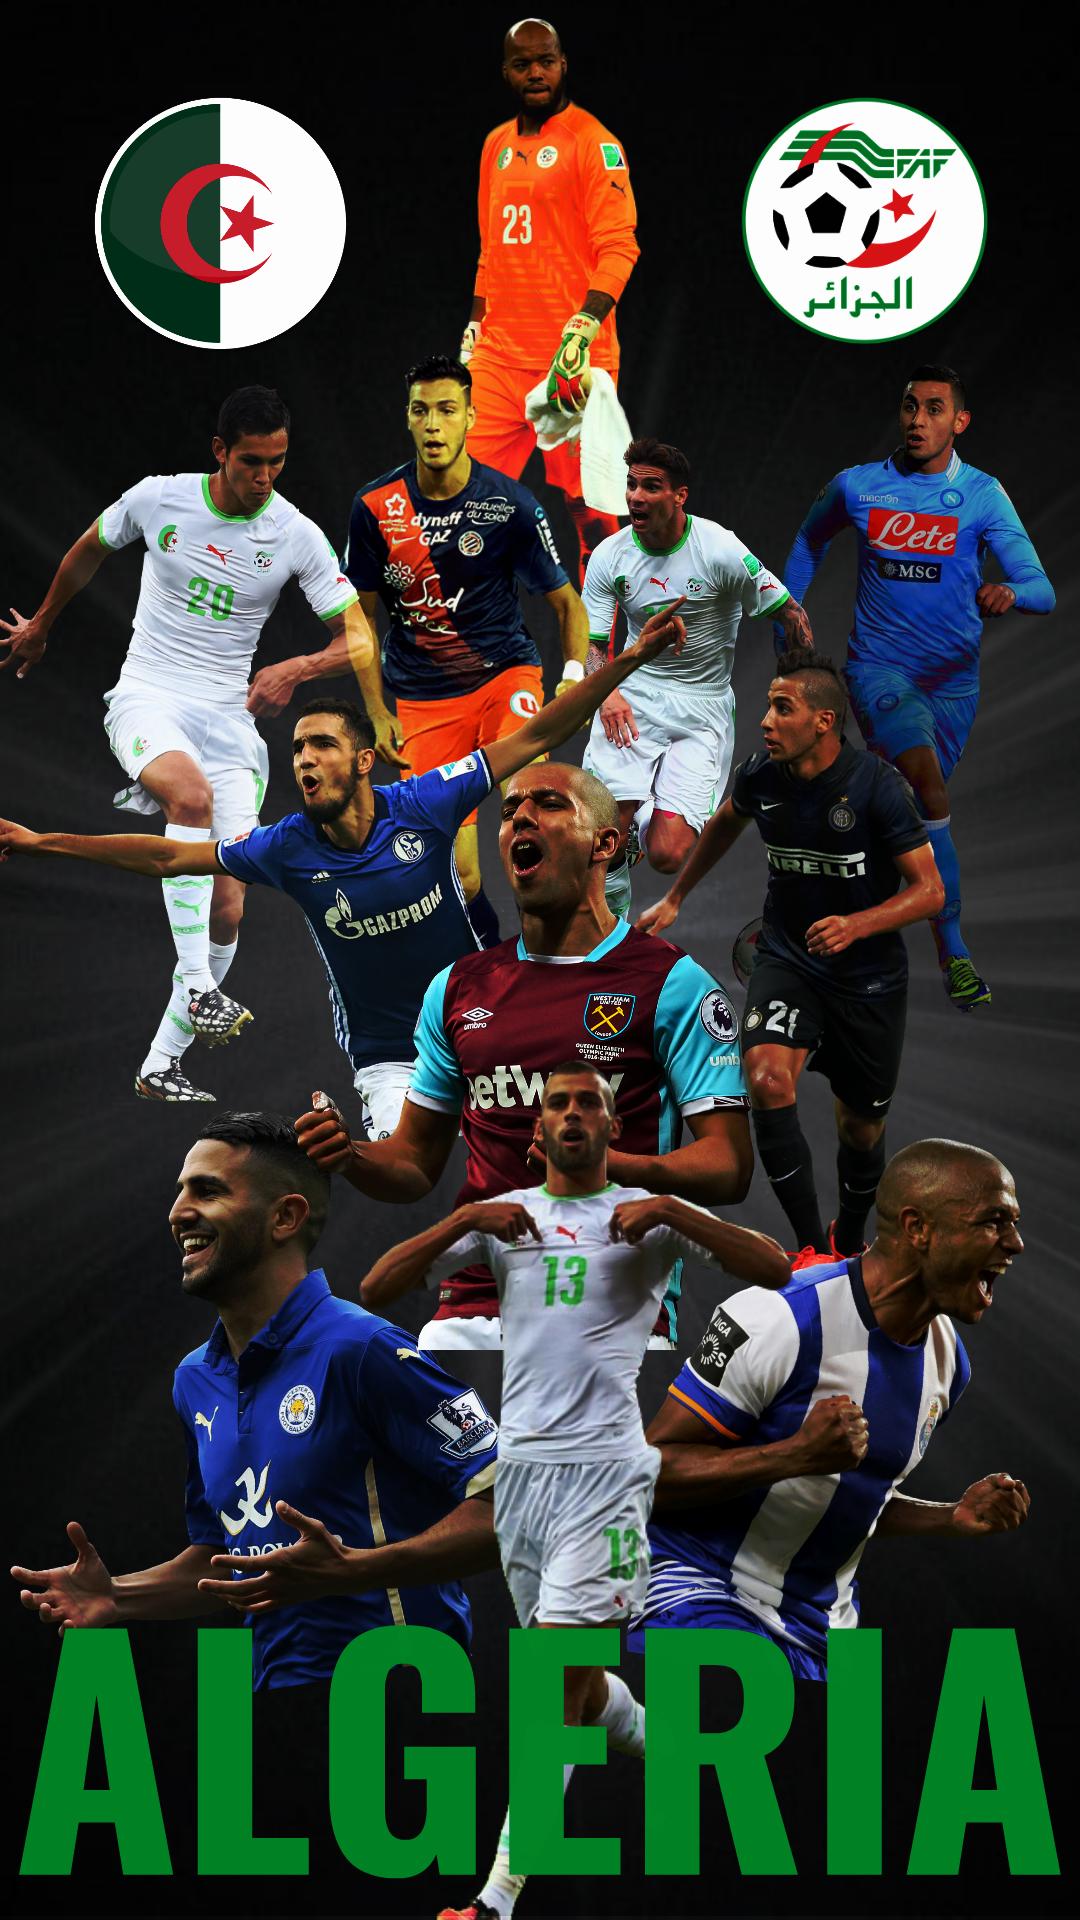 Fond D Écran Algerie fond d'écran : algérie, équipe de football, première ligue, fifa